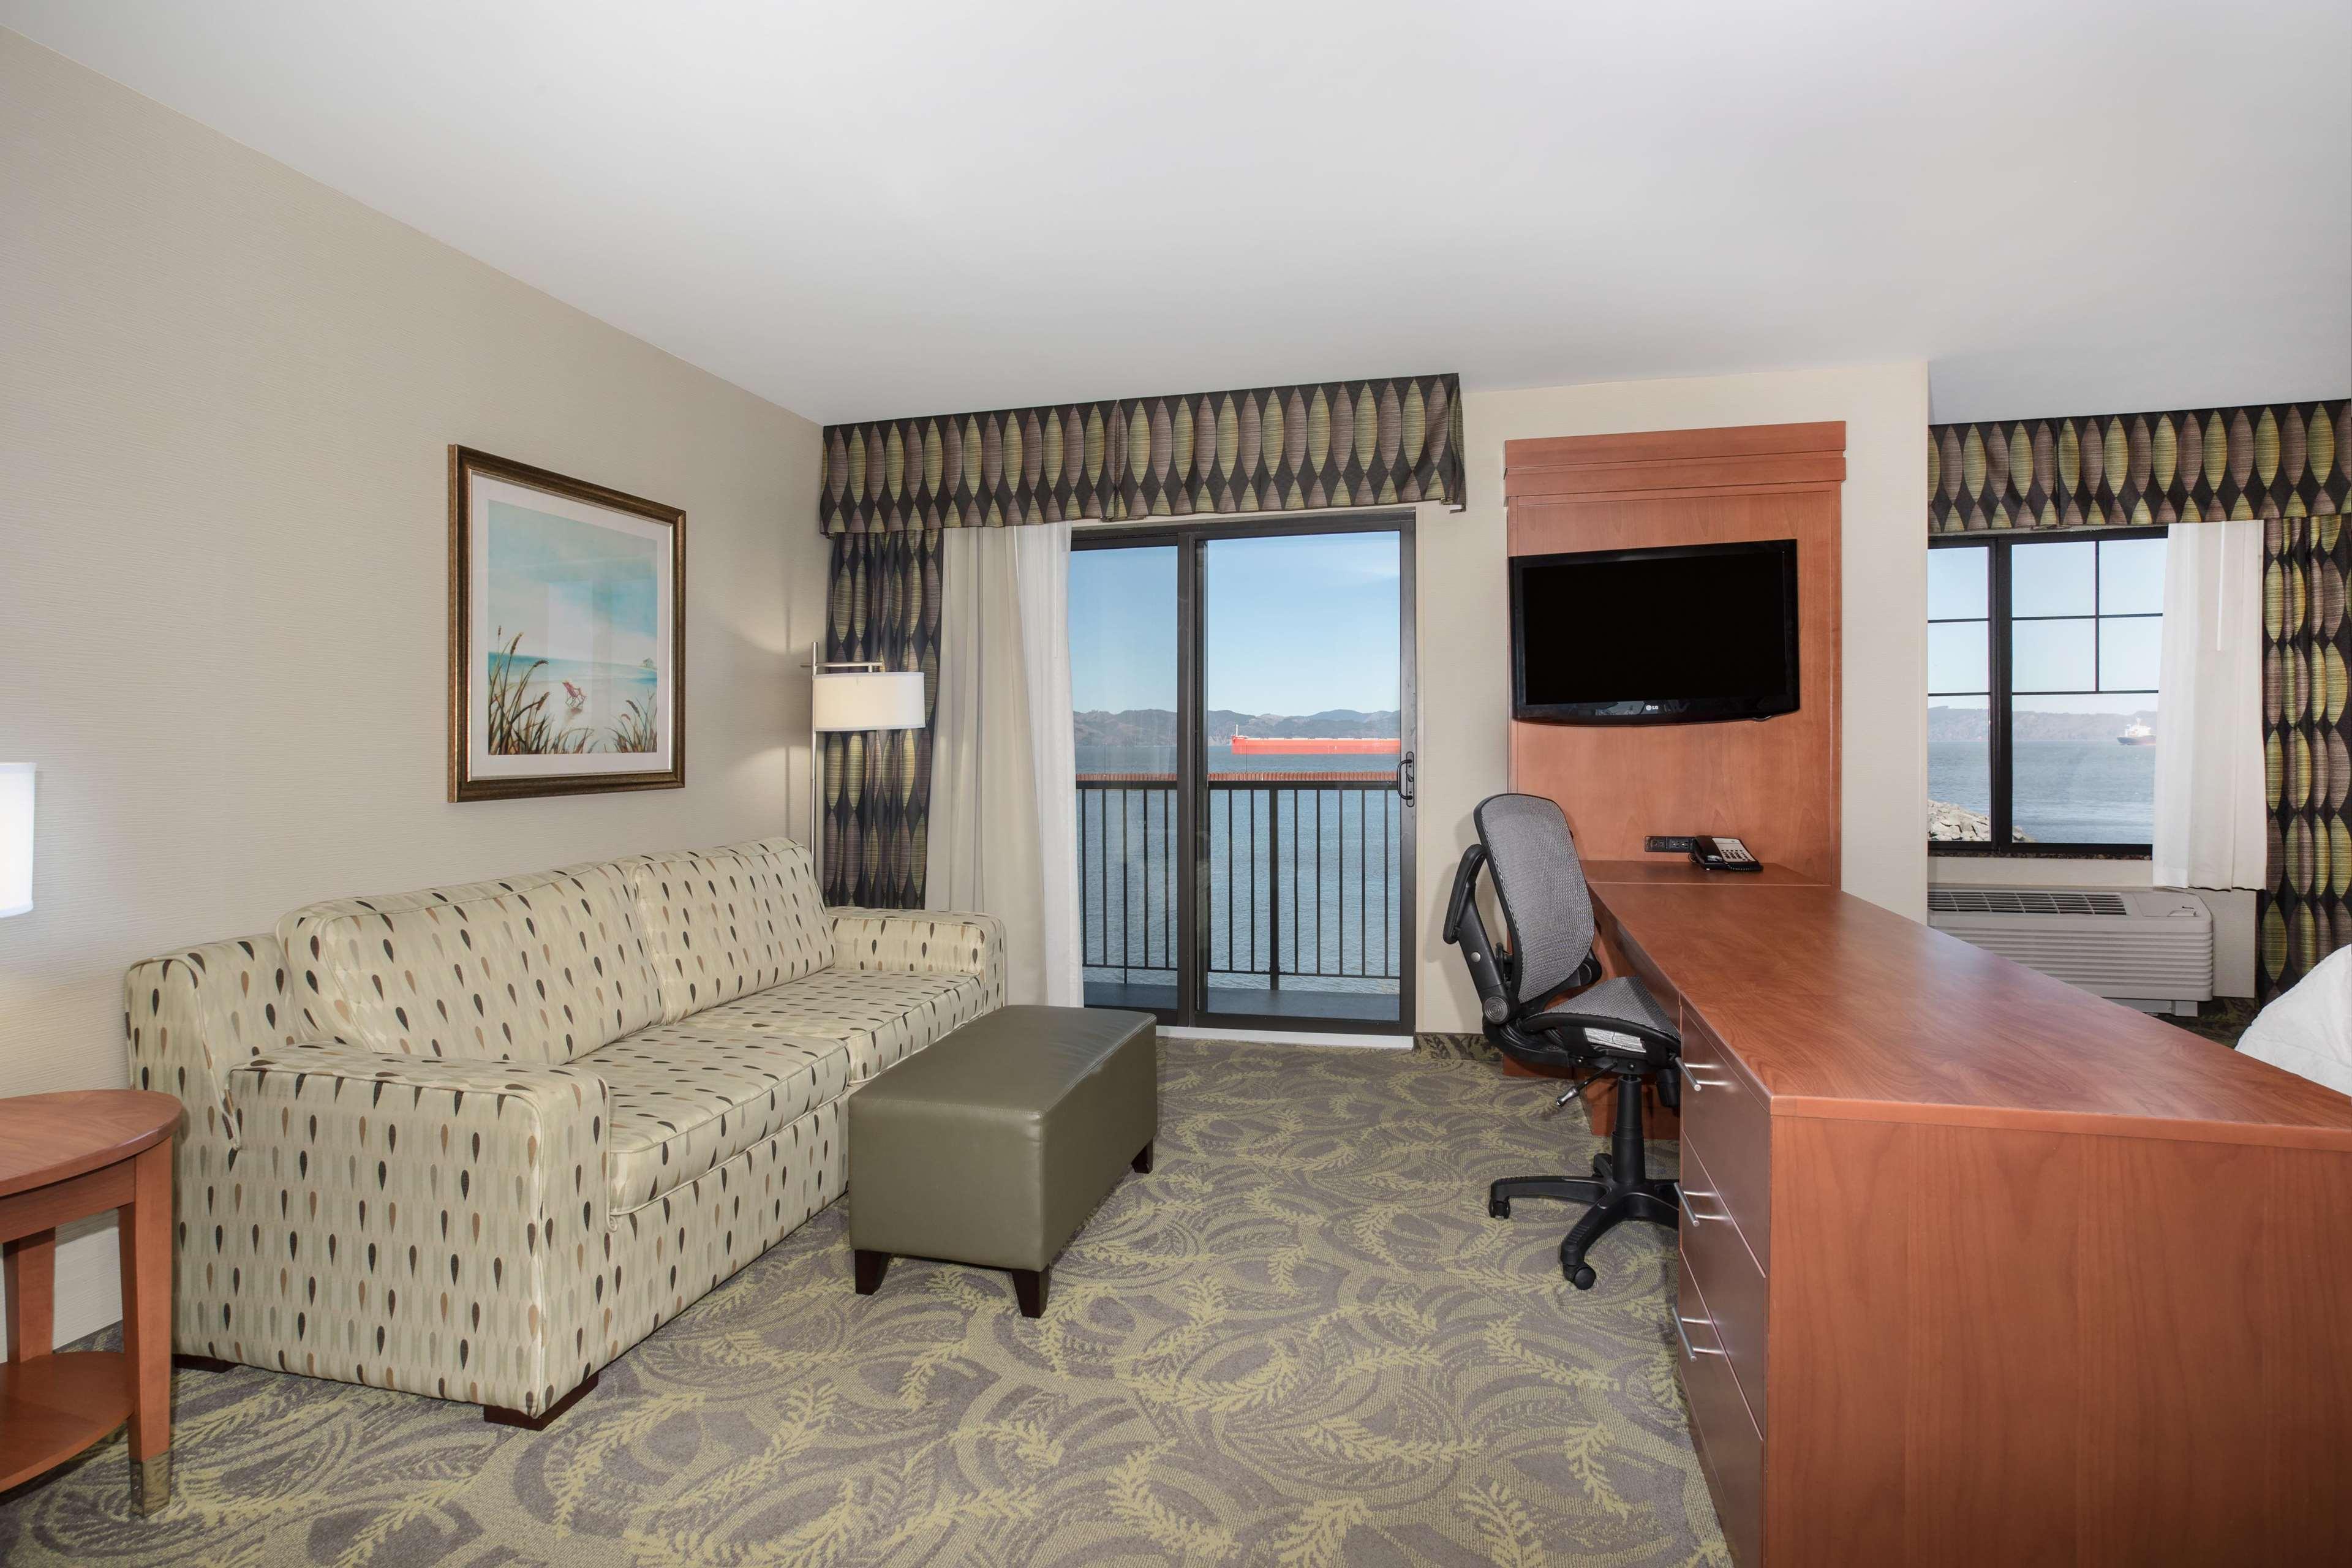 Hampton Inn & Suites Astoria image 67